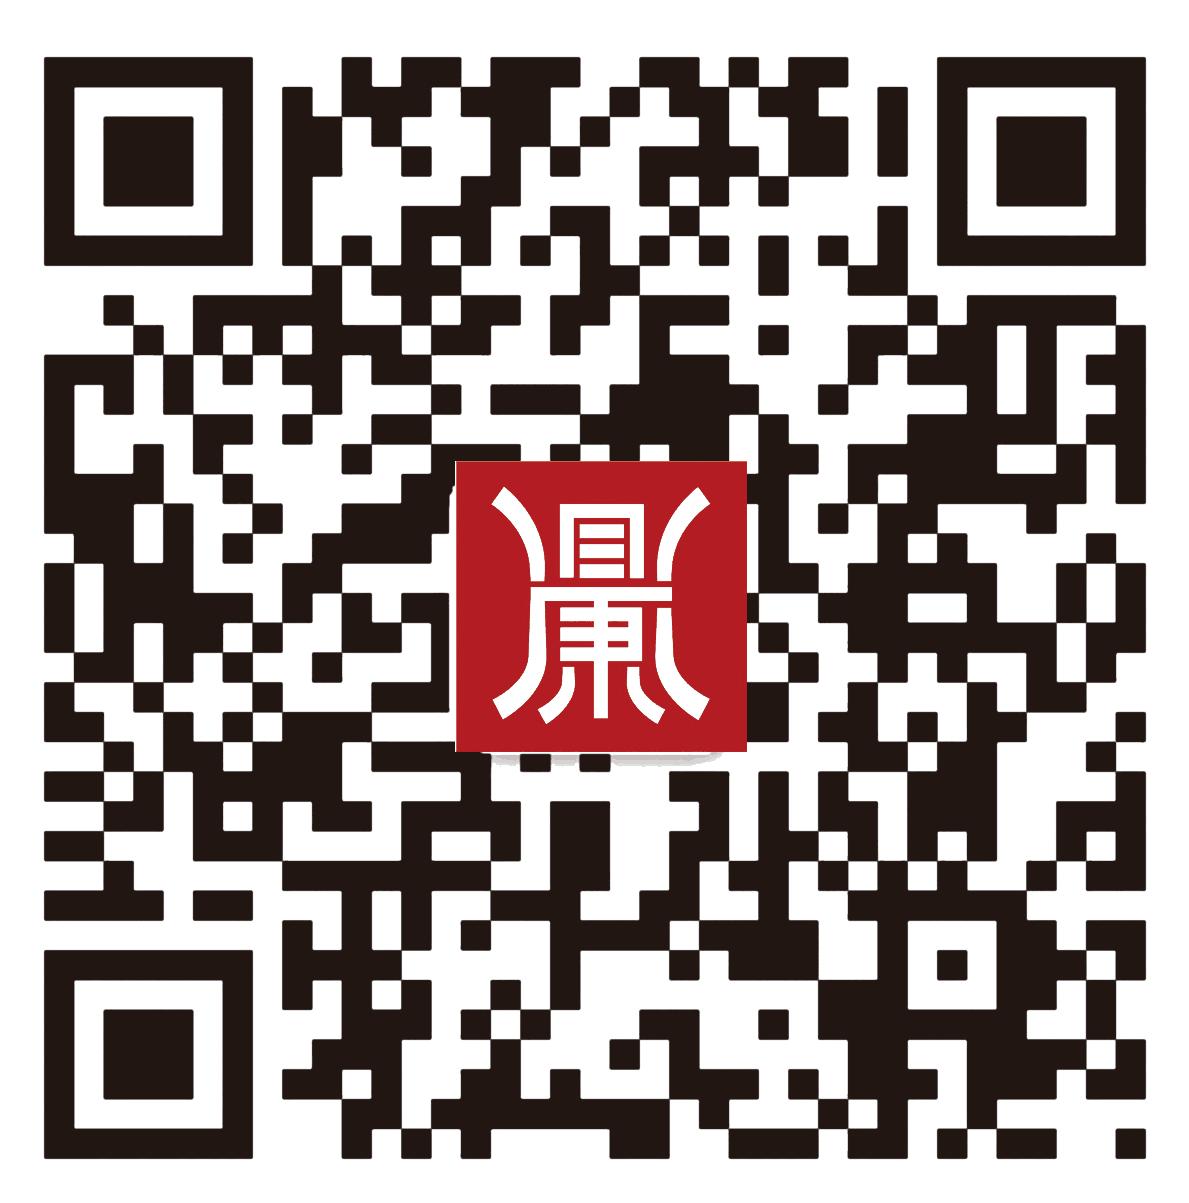 扫描二维码关注万博manbetx安卓版微信平台